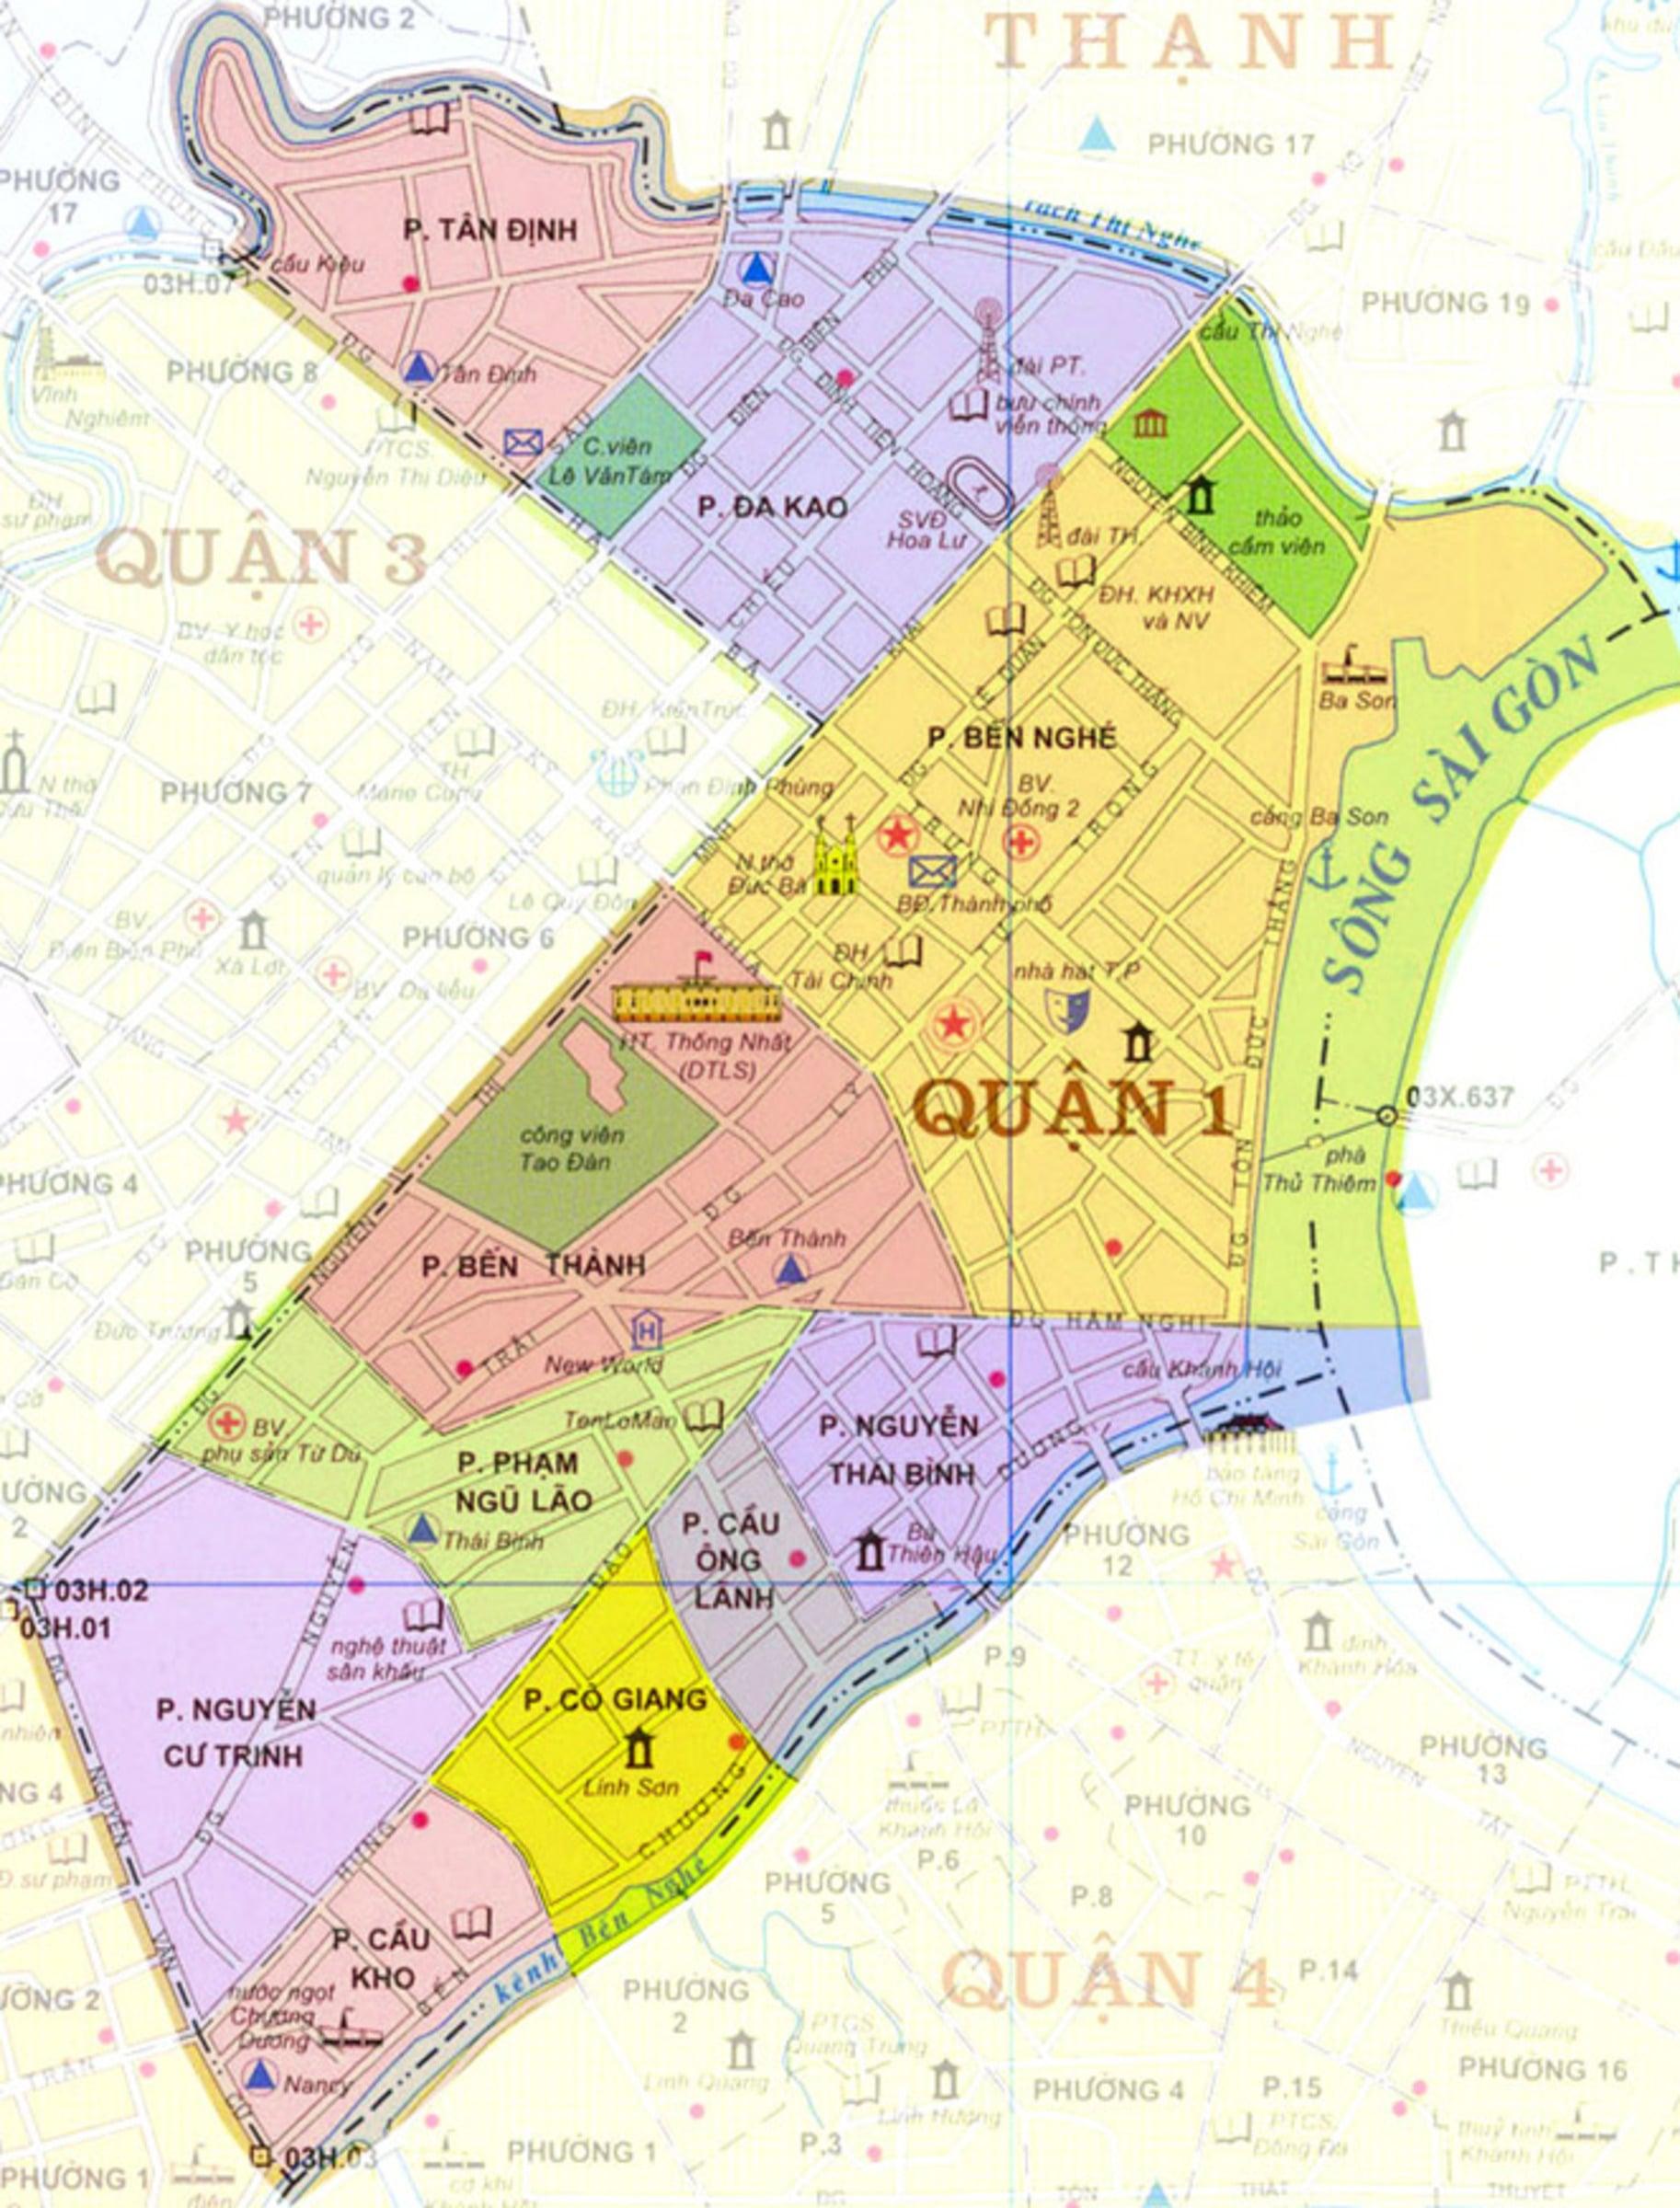 Bản đồ Quận 1 TPCHM